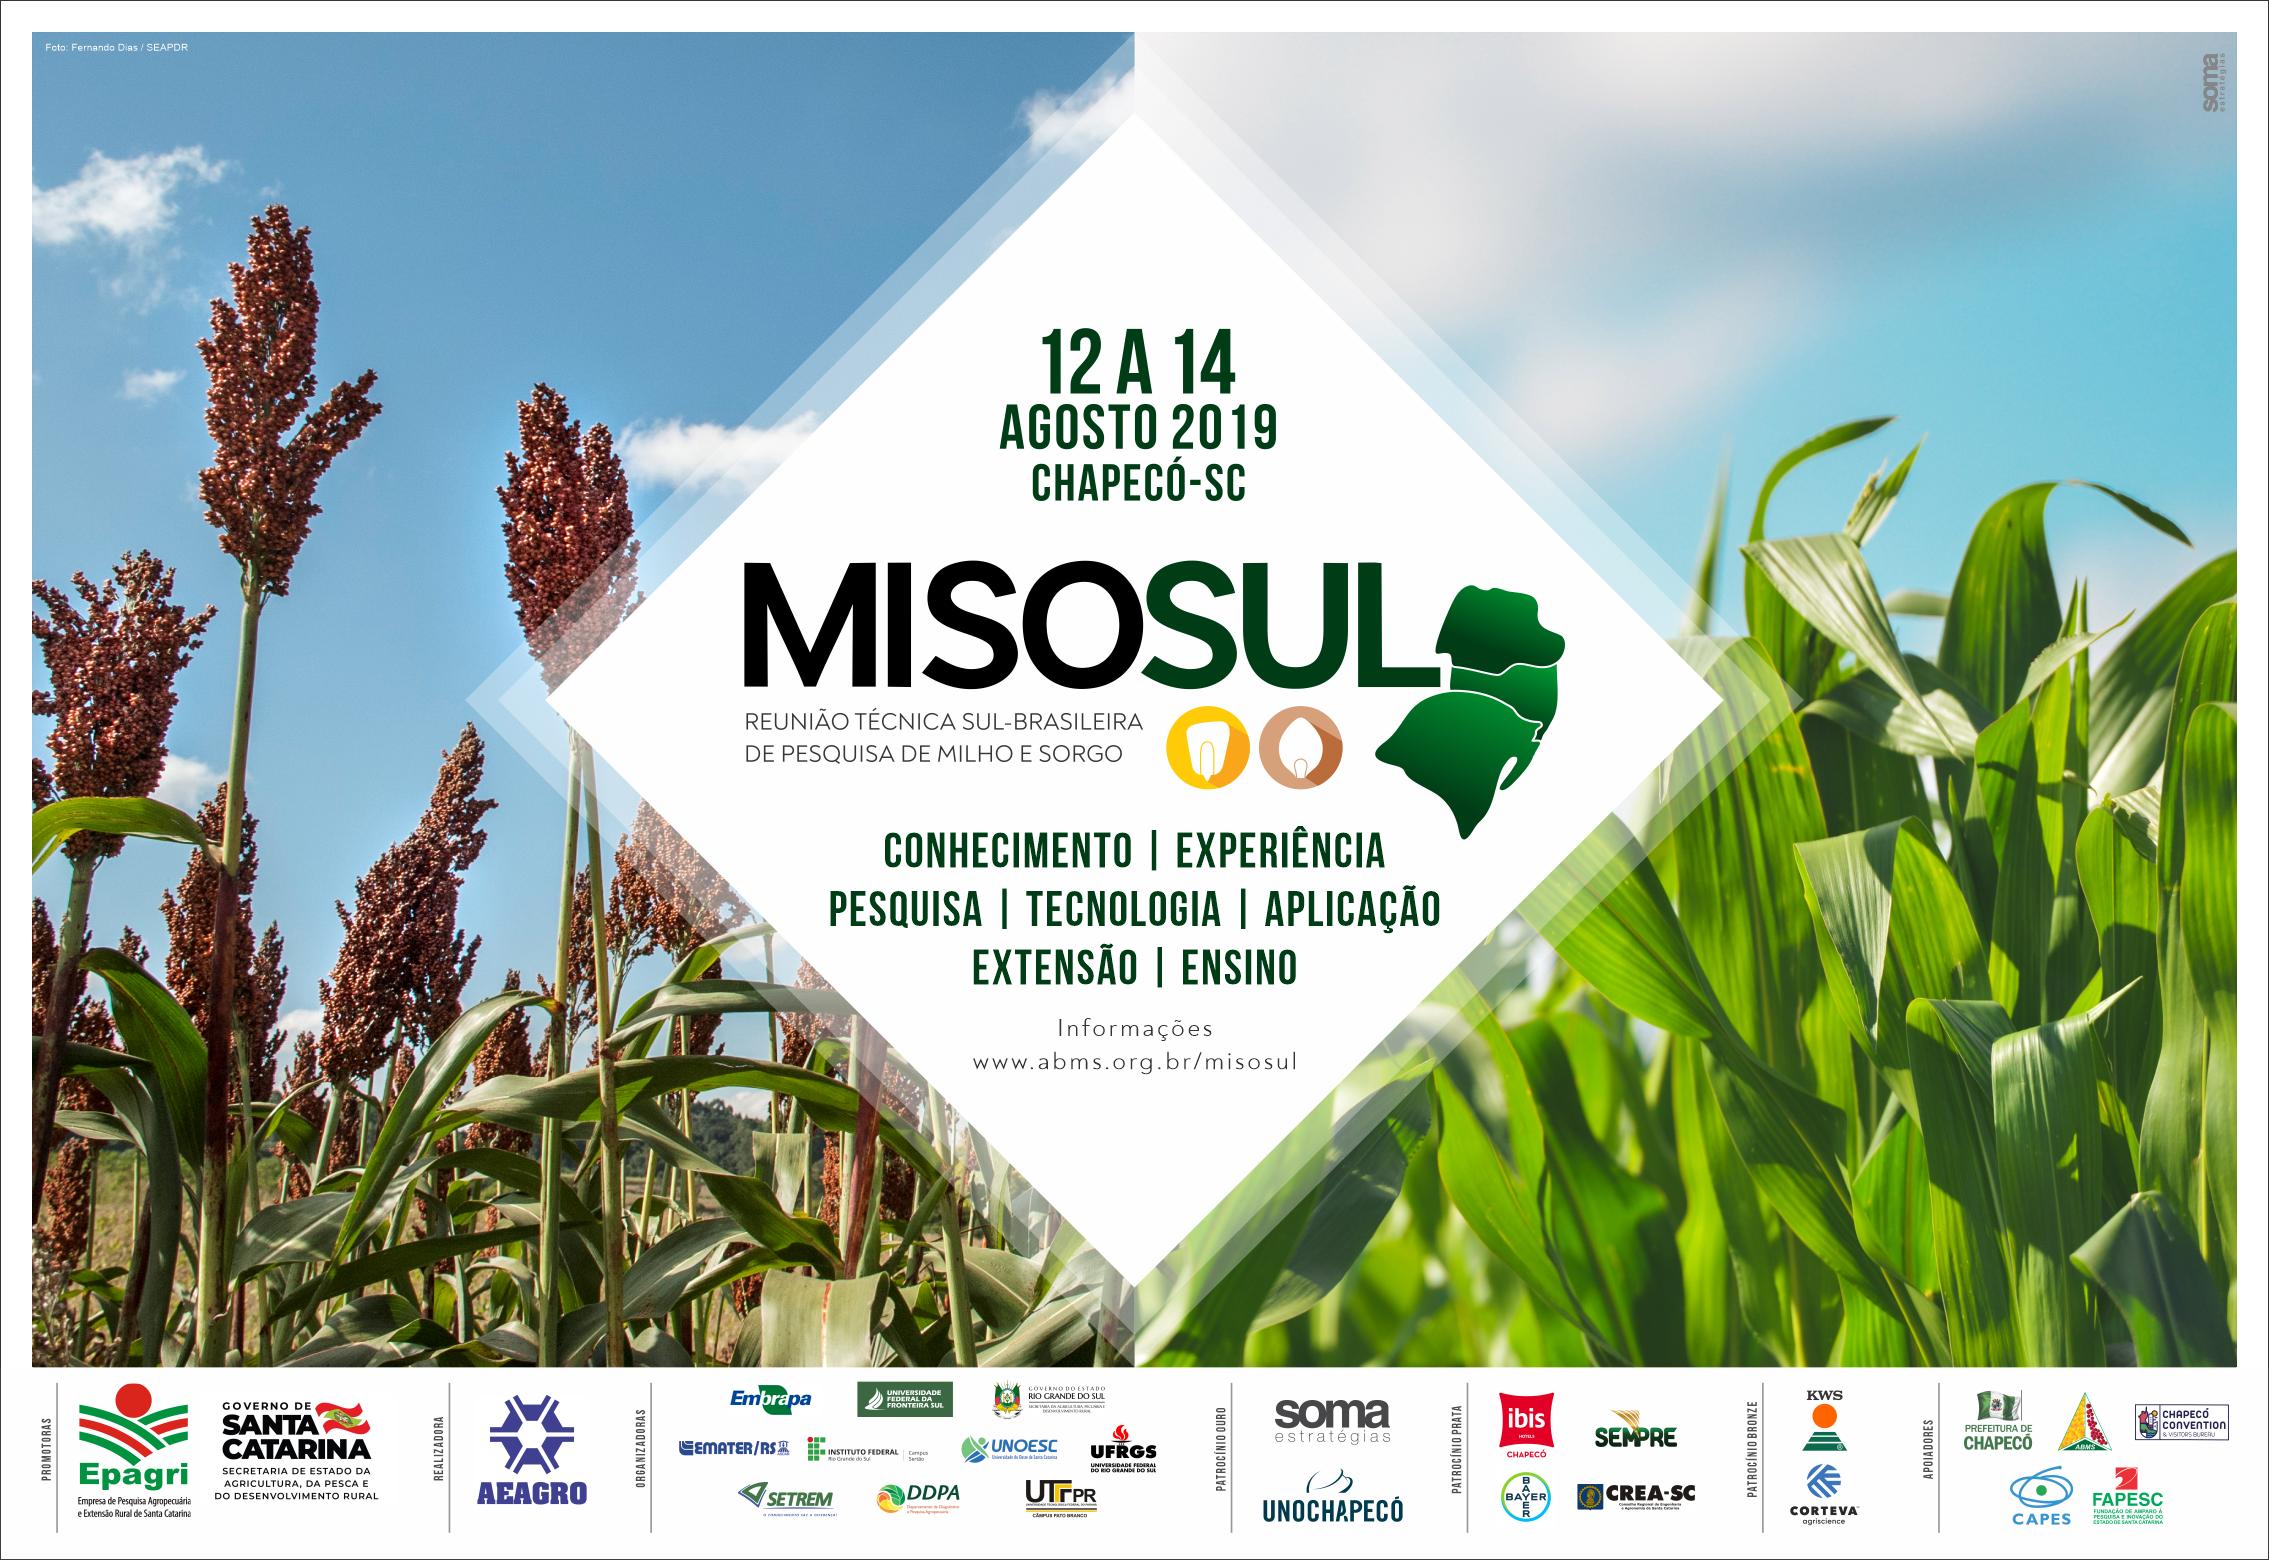 Cadeia produtiva de milho e sorgo do Sul do País se reúne em Chapecó